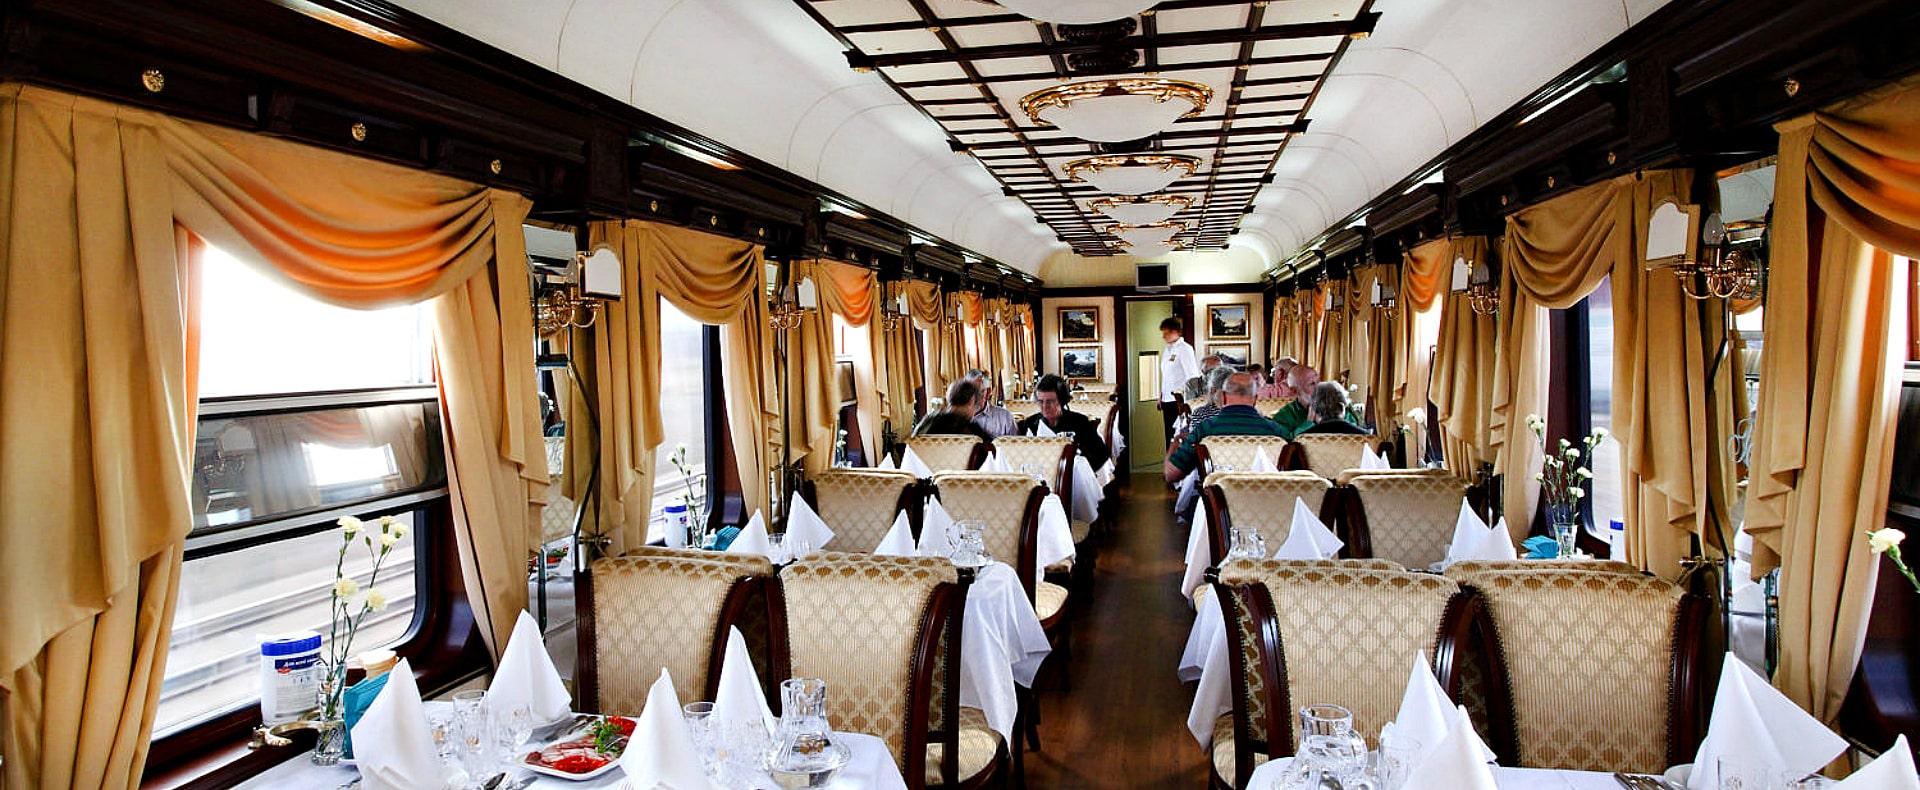 Tsar's Gold Train